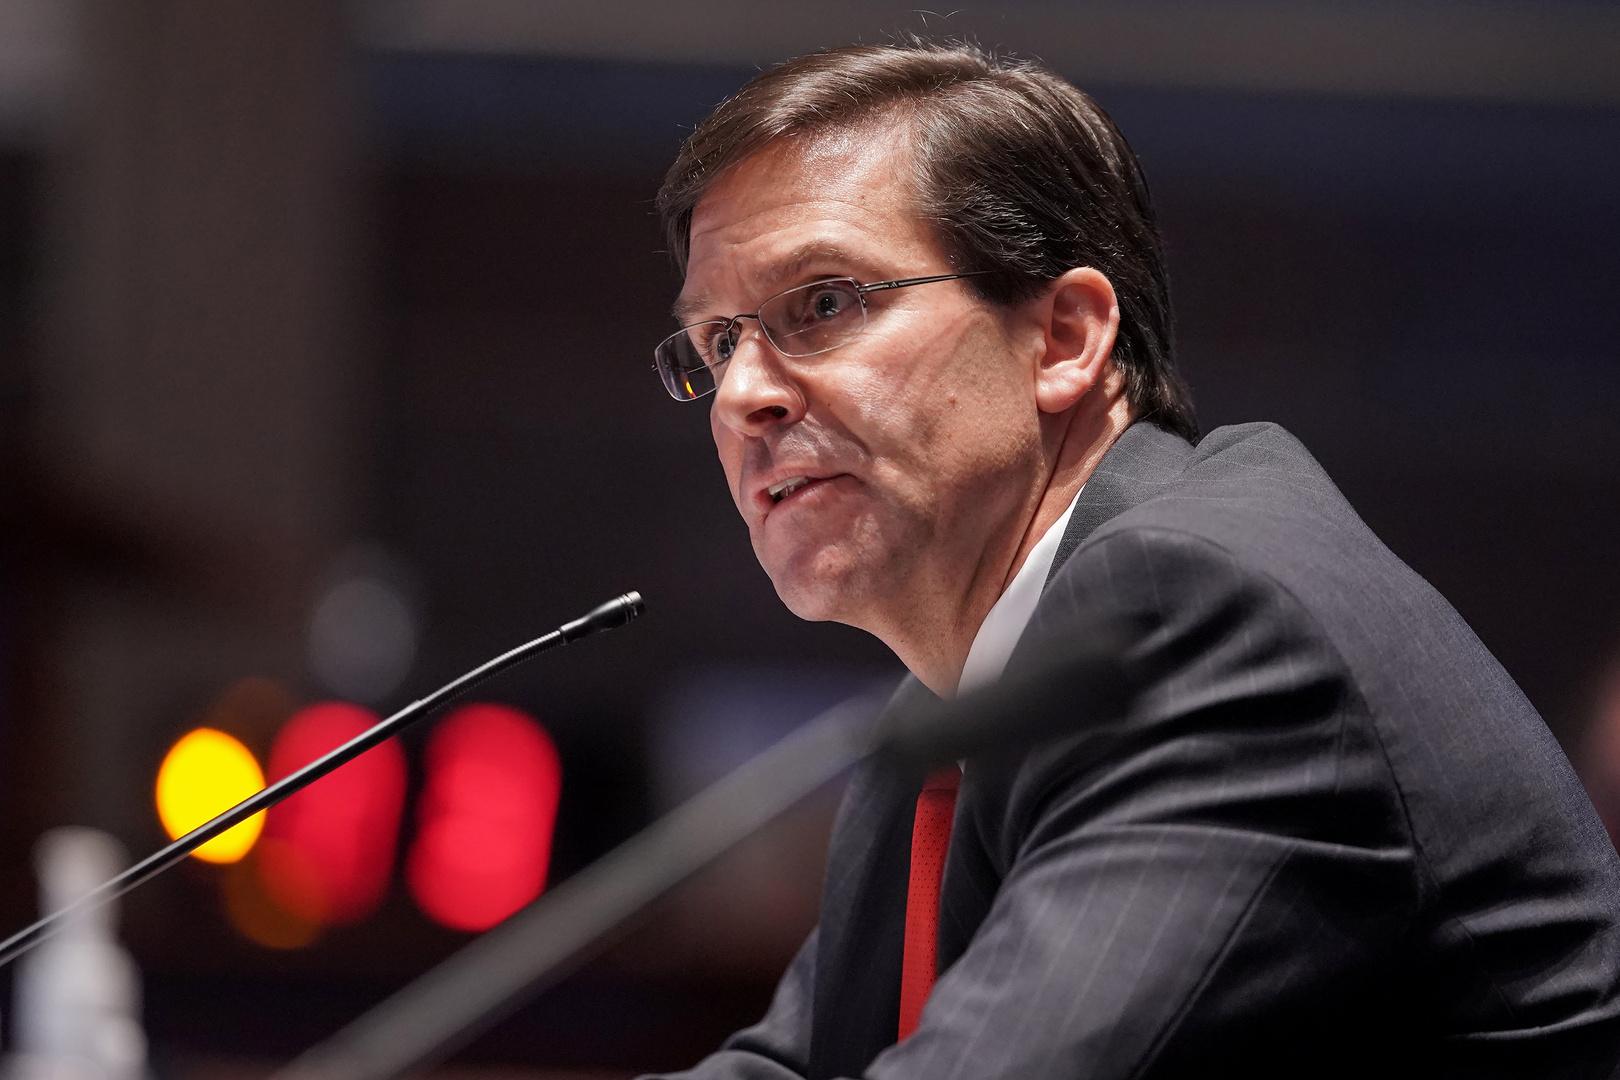 وزير الدفاع الأمريكي: نستعد لمواجهة محتملة مع الصين في جميع أرجاء آسيا